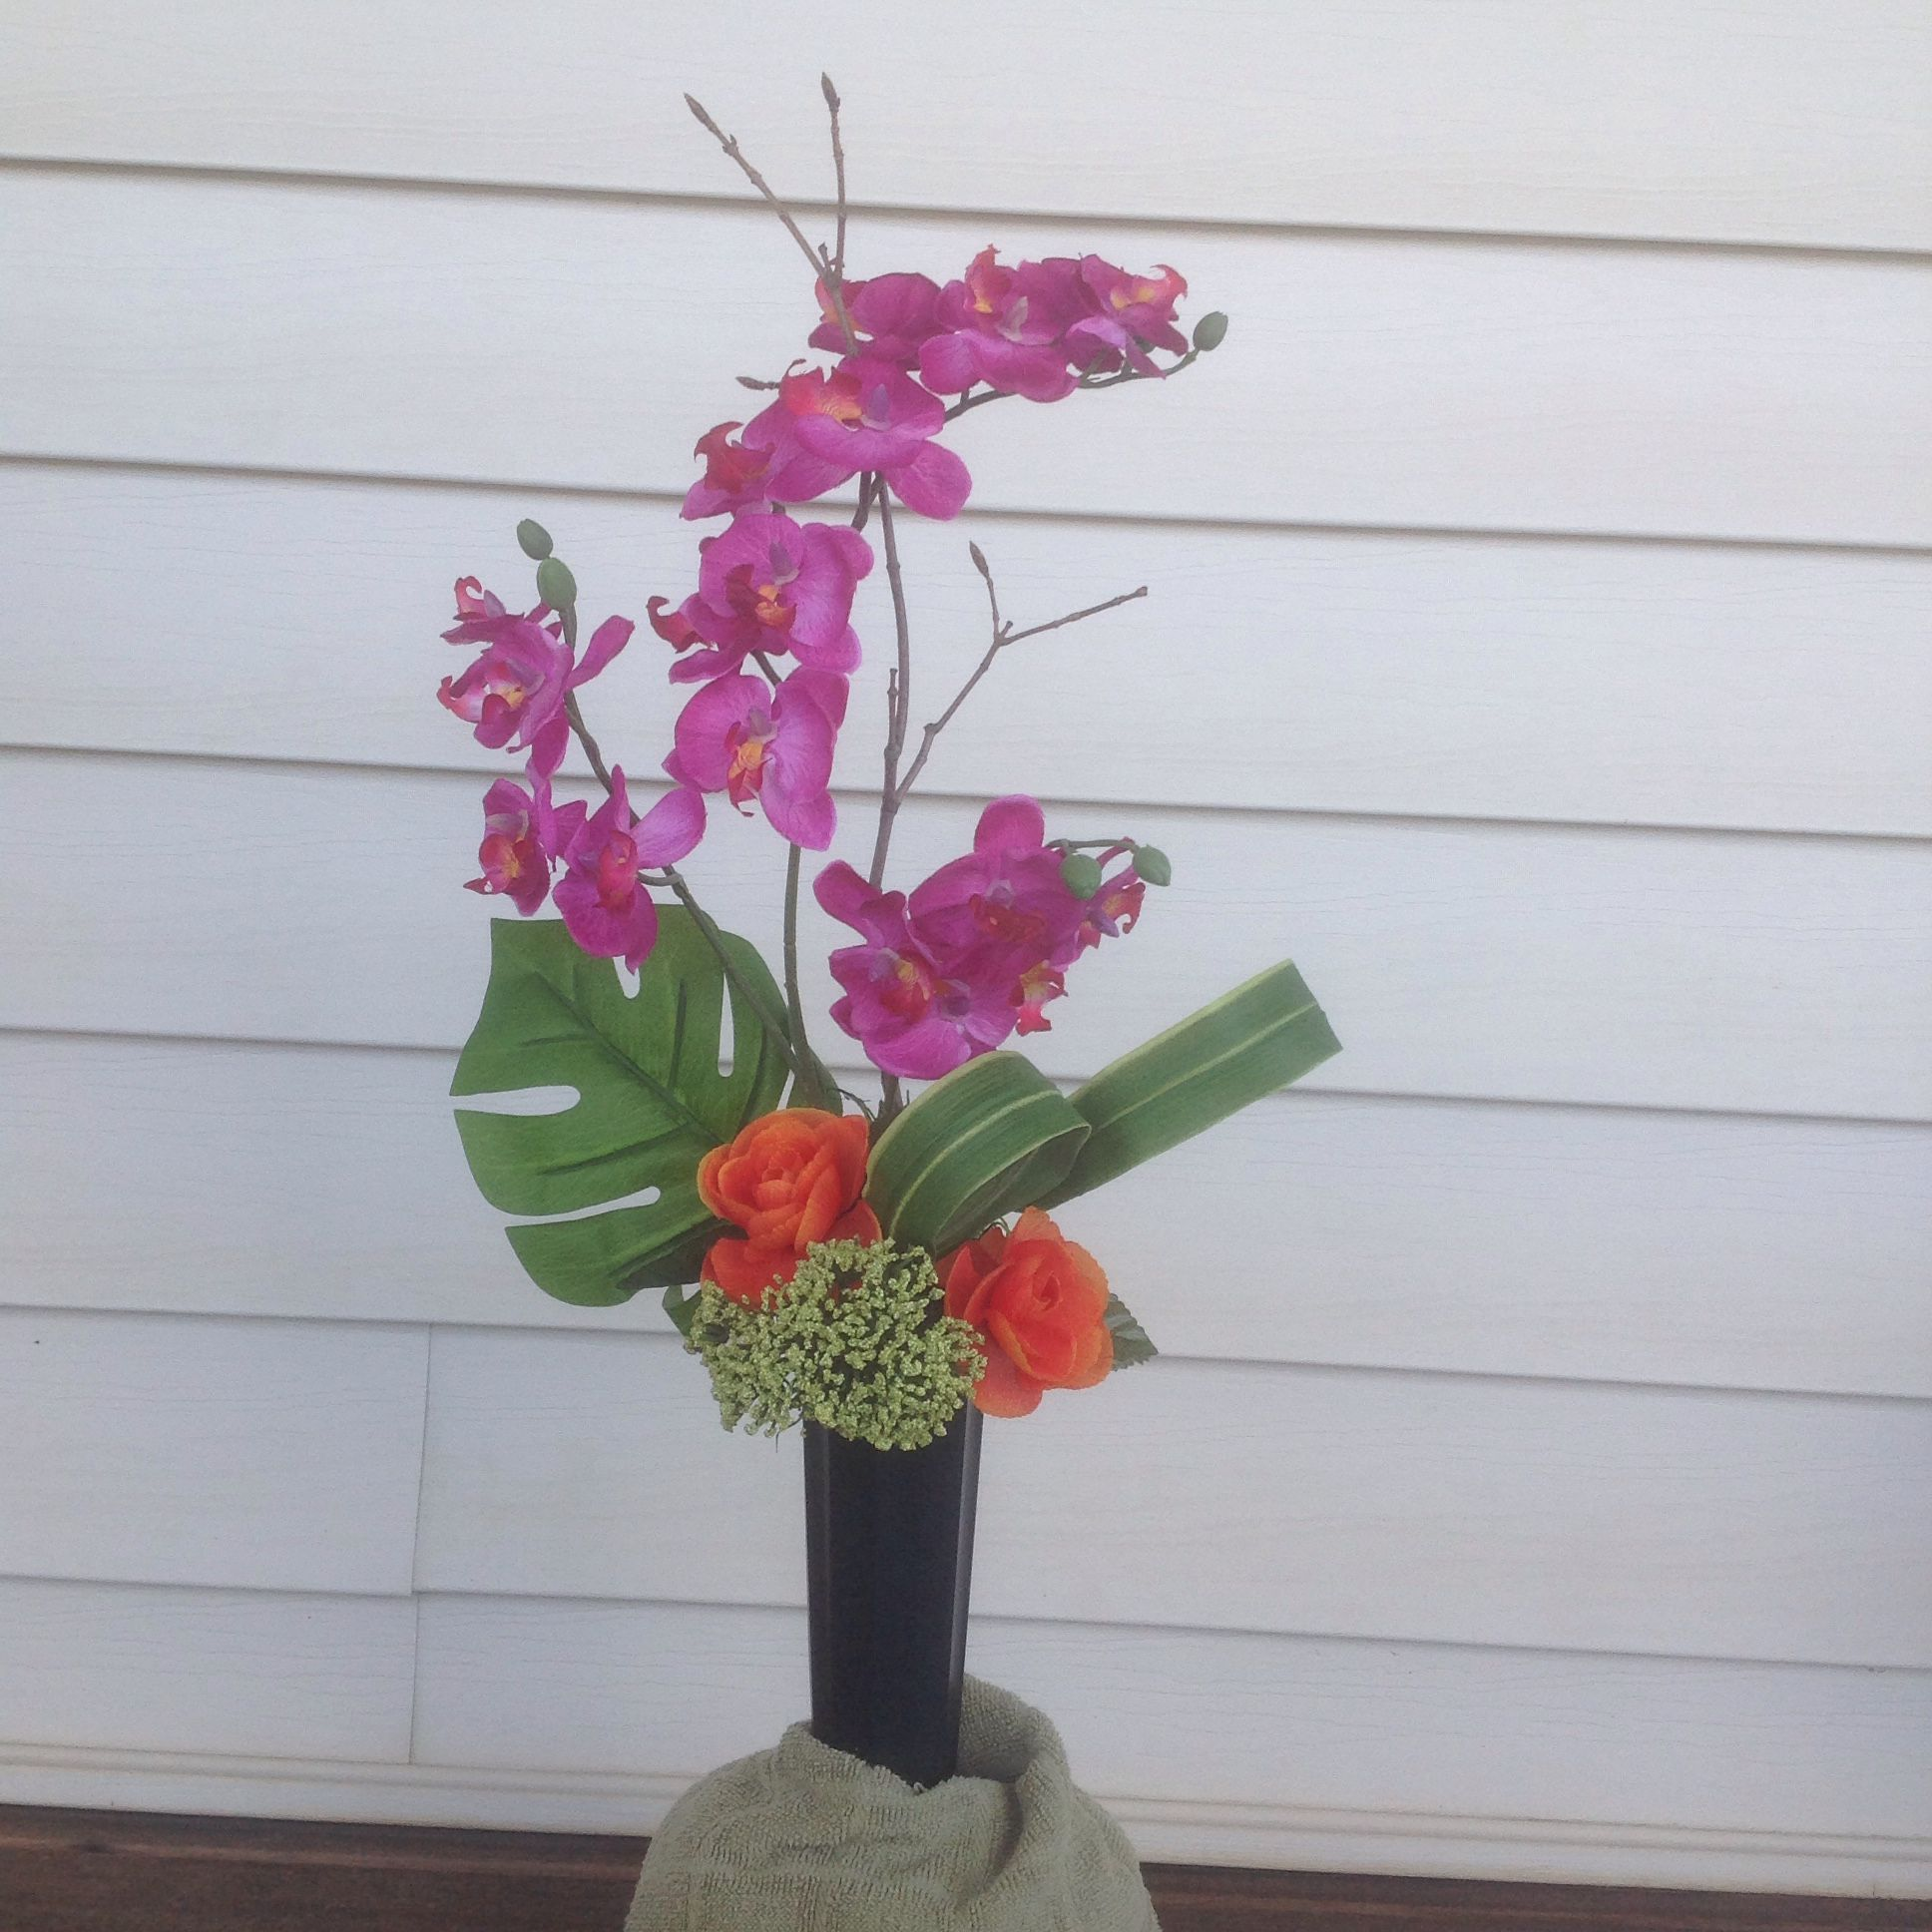 Cemetery vase silk flower design arrangement orchid ranunculus cemetery vase silk flower design arrangement orchid ranunculus and yarrow mightylinksfo Choice Image